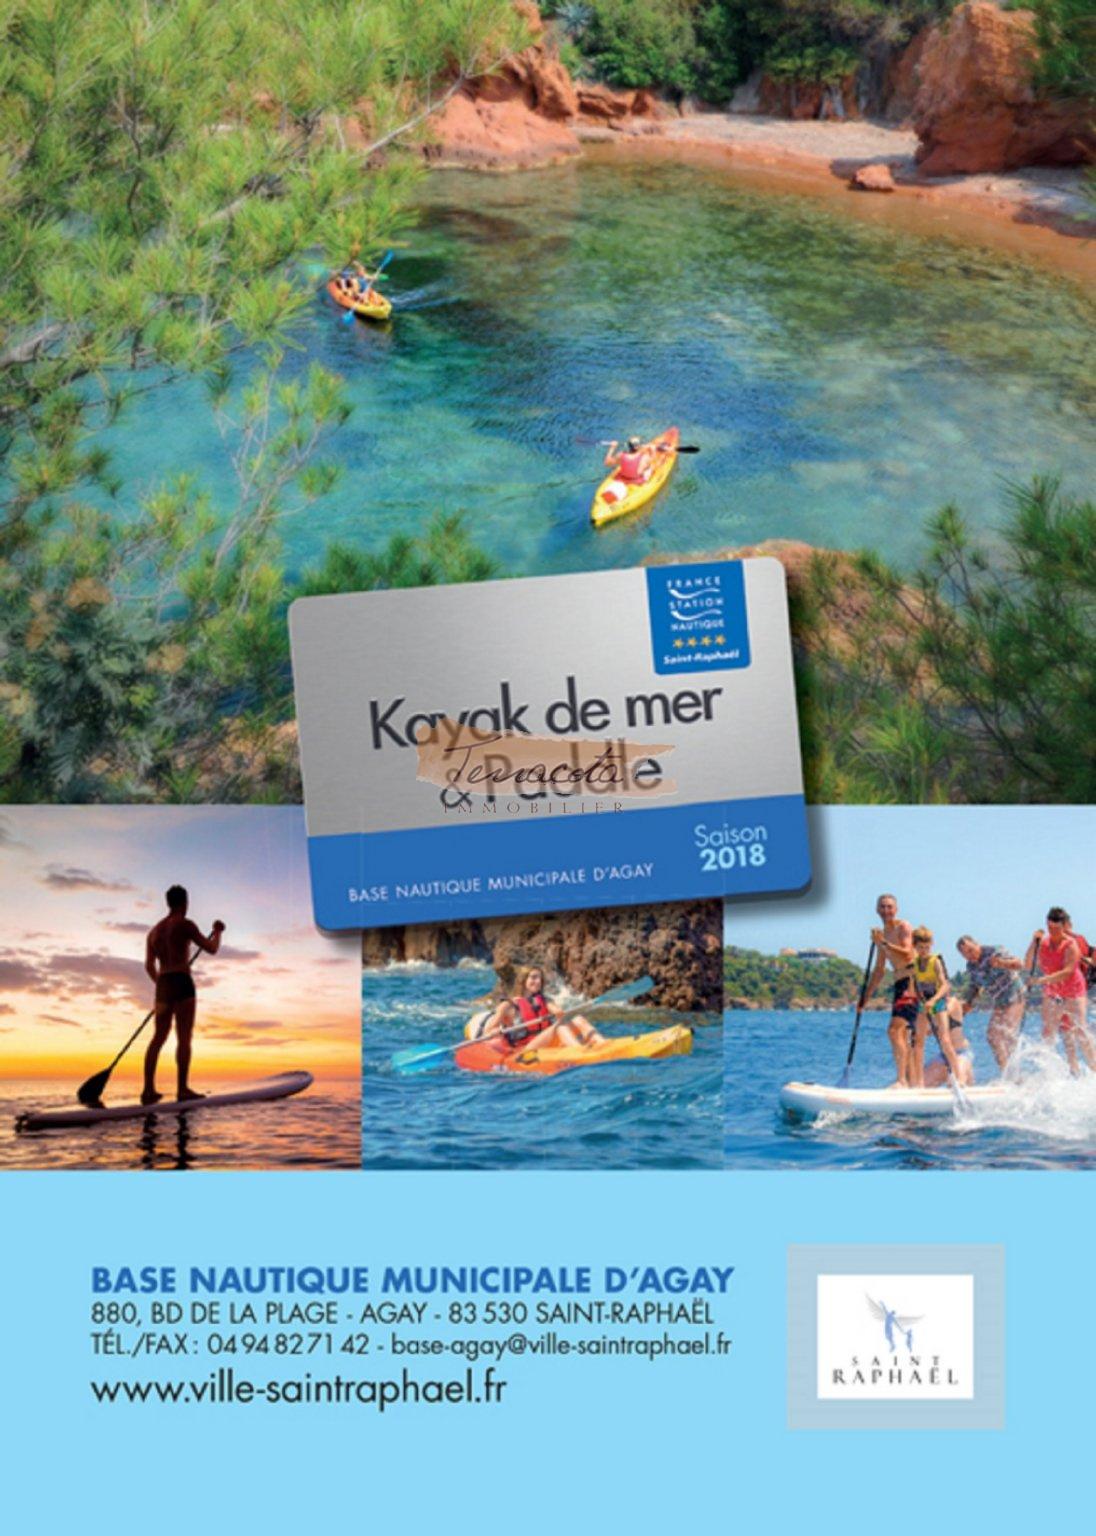 centre nautique d'agay, location paddle, kayak etc